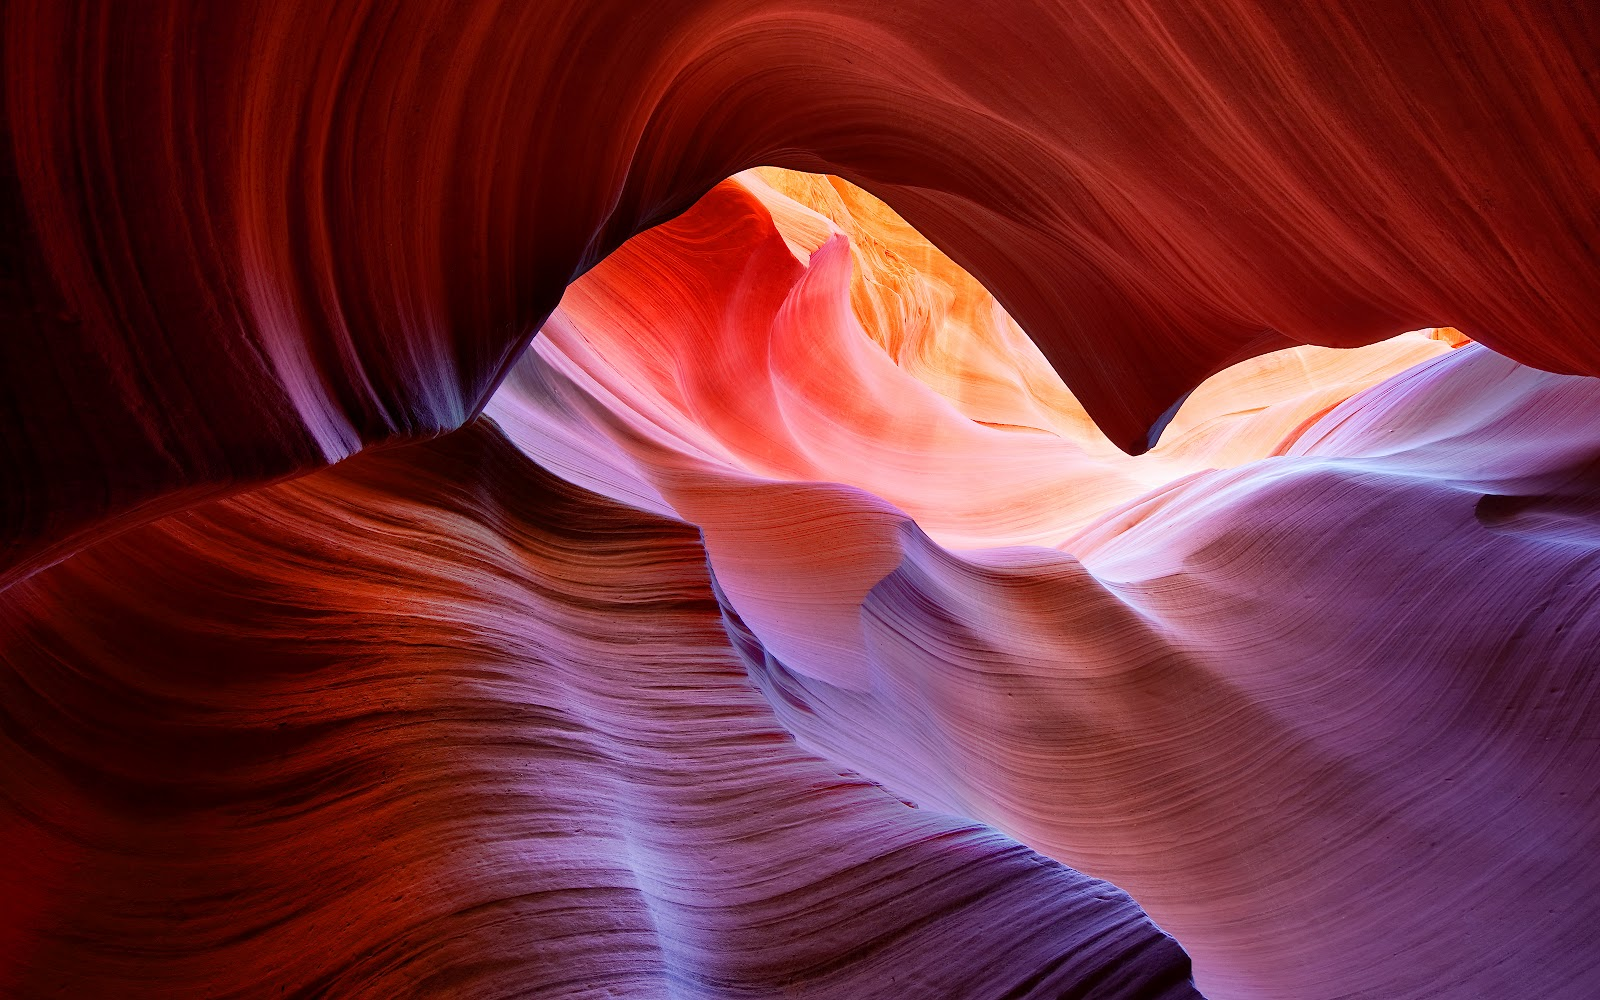 http://4.bp.blogspot.com/-oWV6FgtXyhc/T-Wq8jpm2pI/AAAAAAAABKI/9sEI_qhW0II/s1600/Antelope+Canyon.jpg